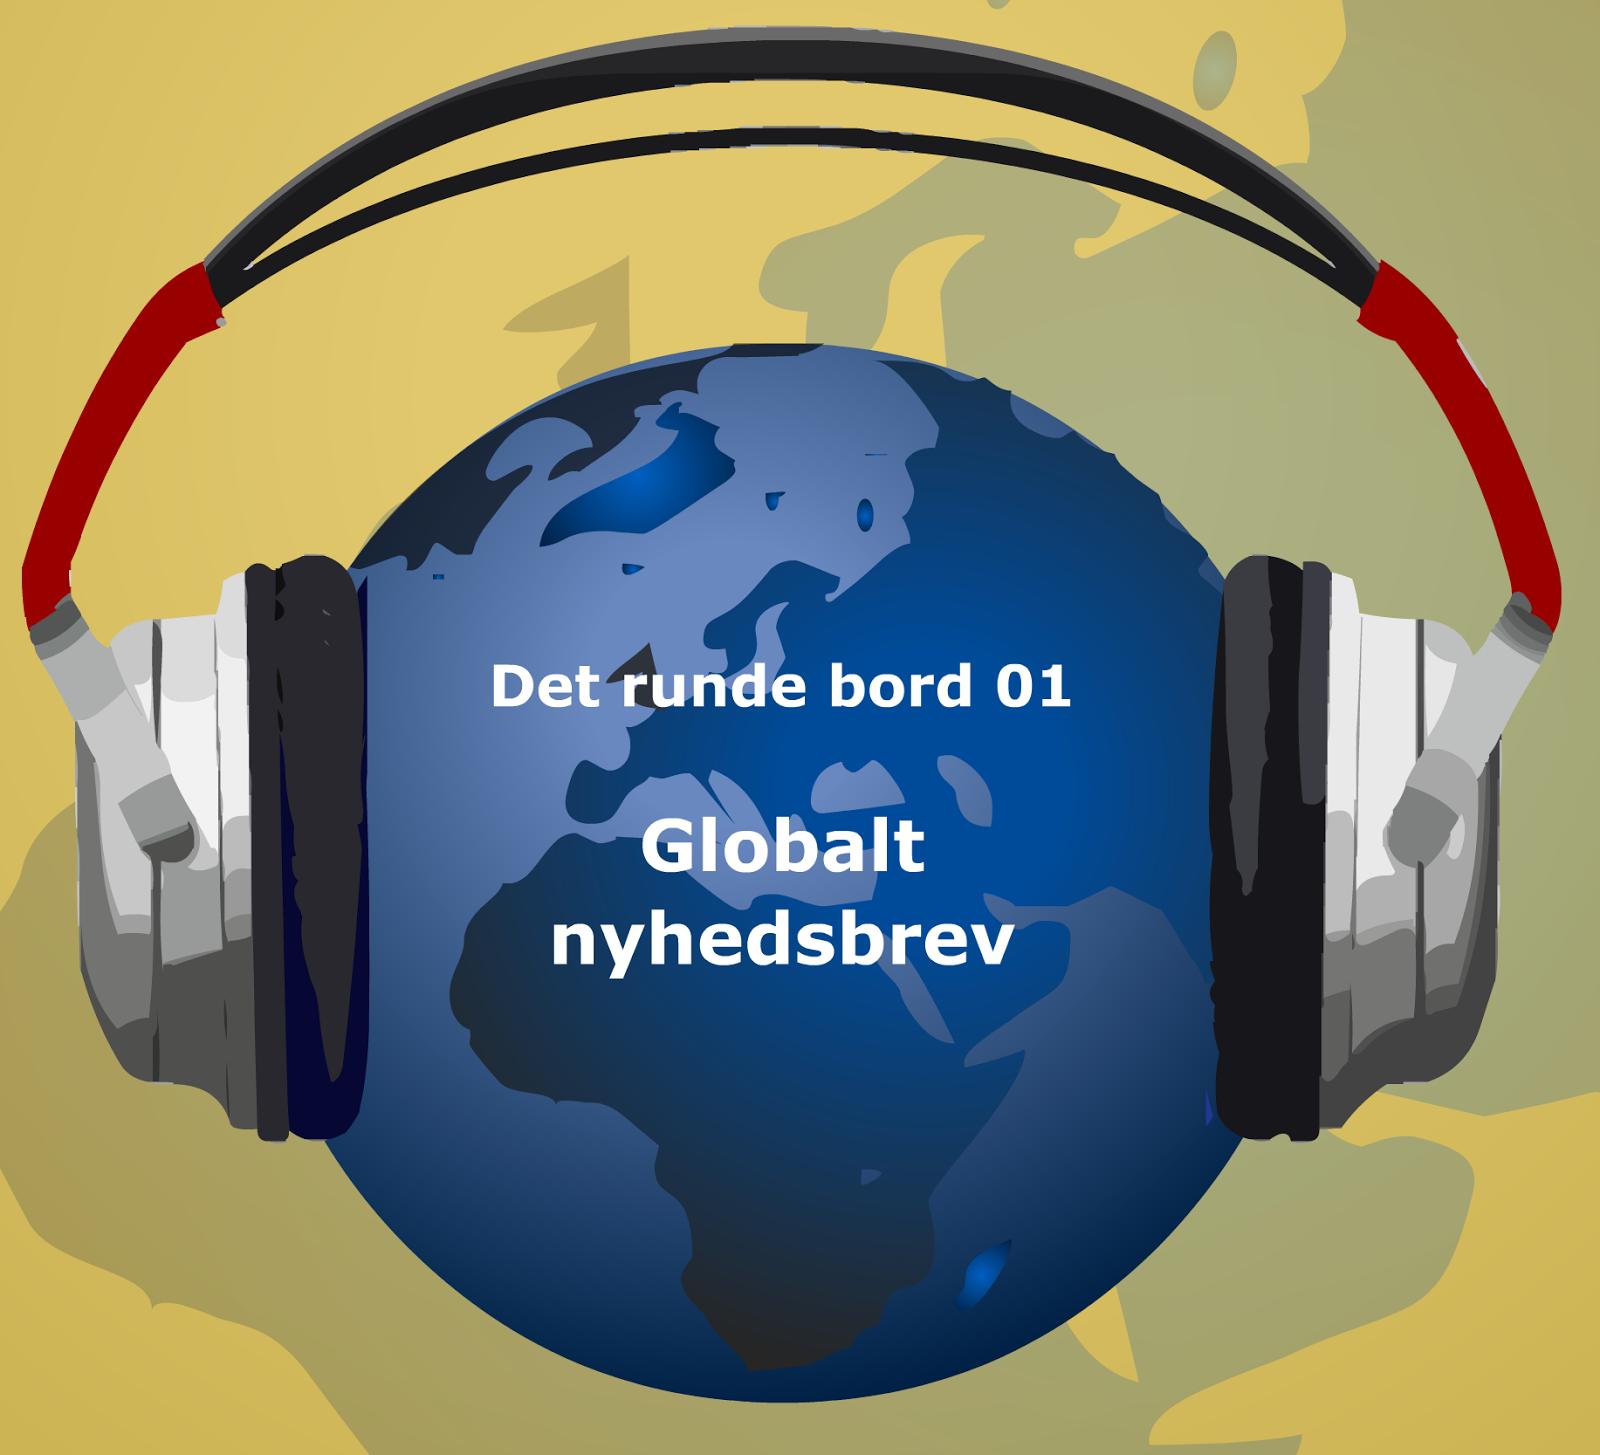 18e532b0c8de Klik for at høre broadcast